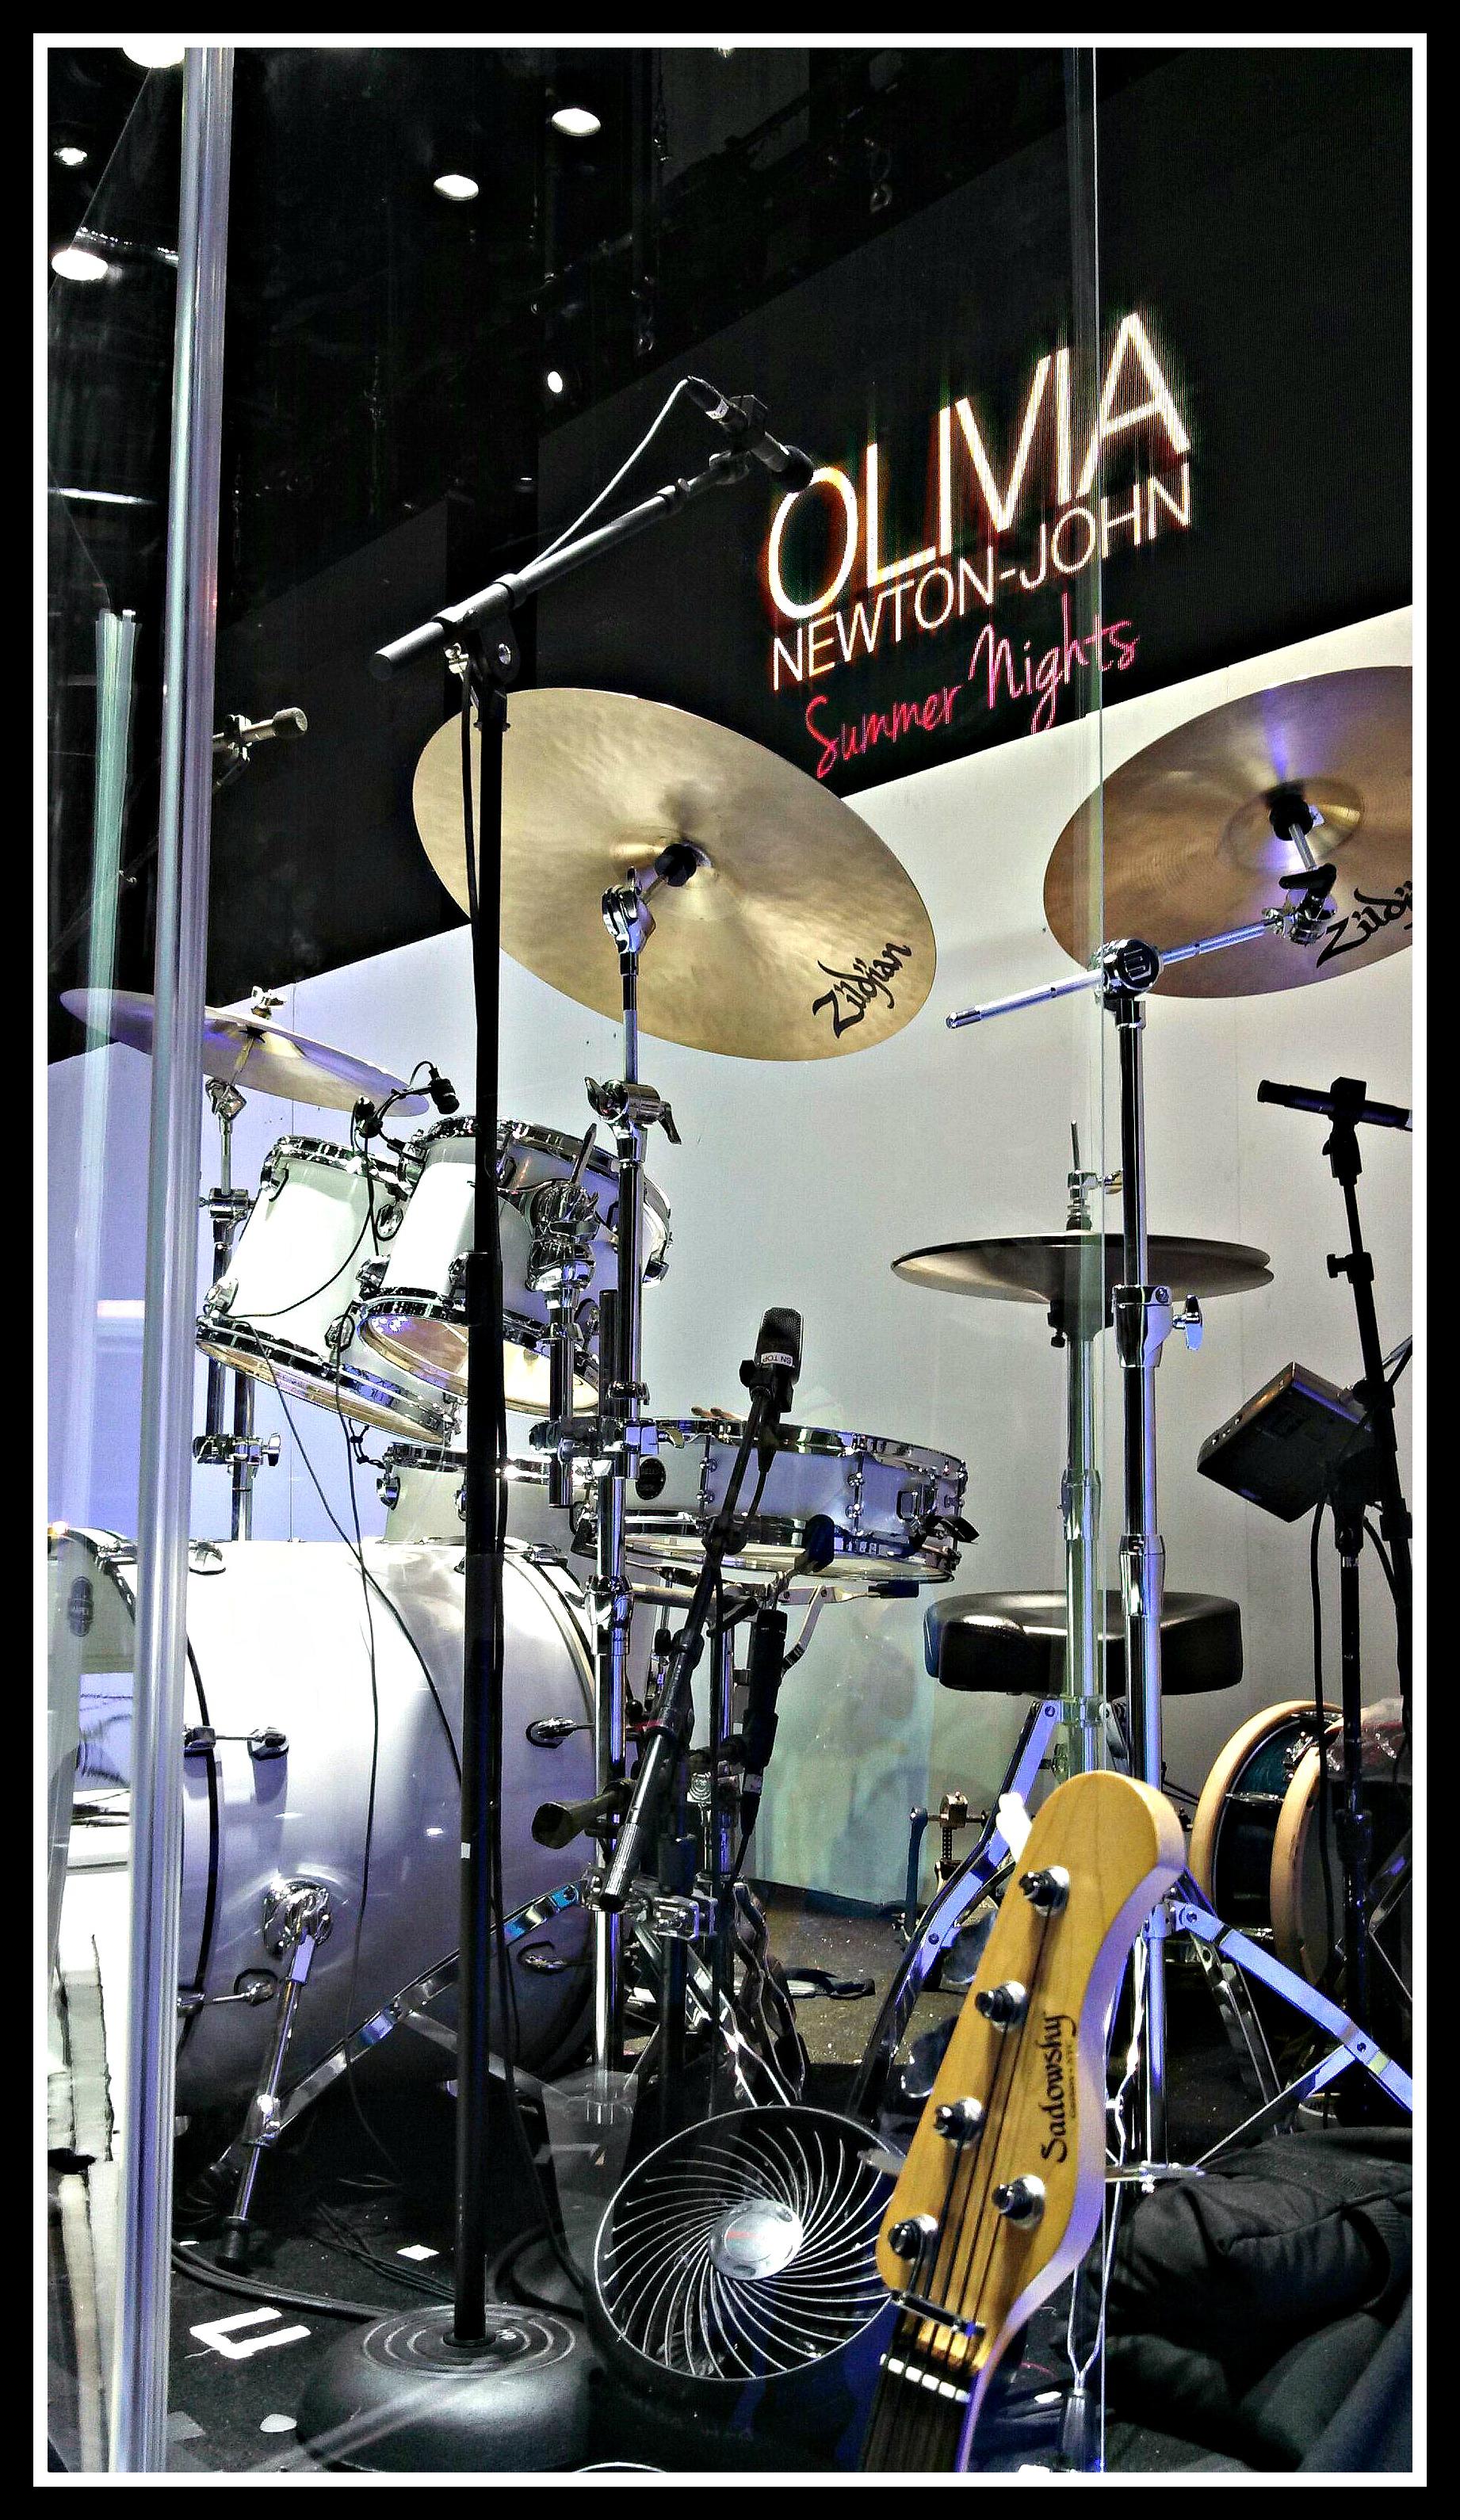 Mark Beckett's Kit-Flamingo-Las Vegas-Olivia Newton John-Beier 1.5 Steel--4 x 15-